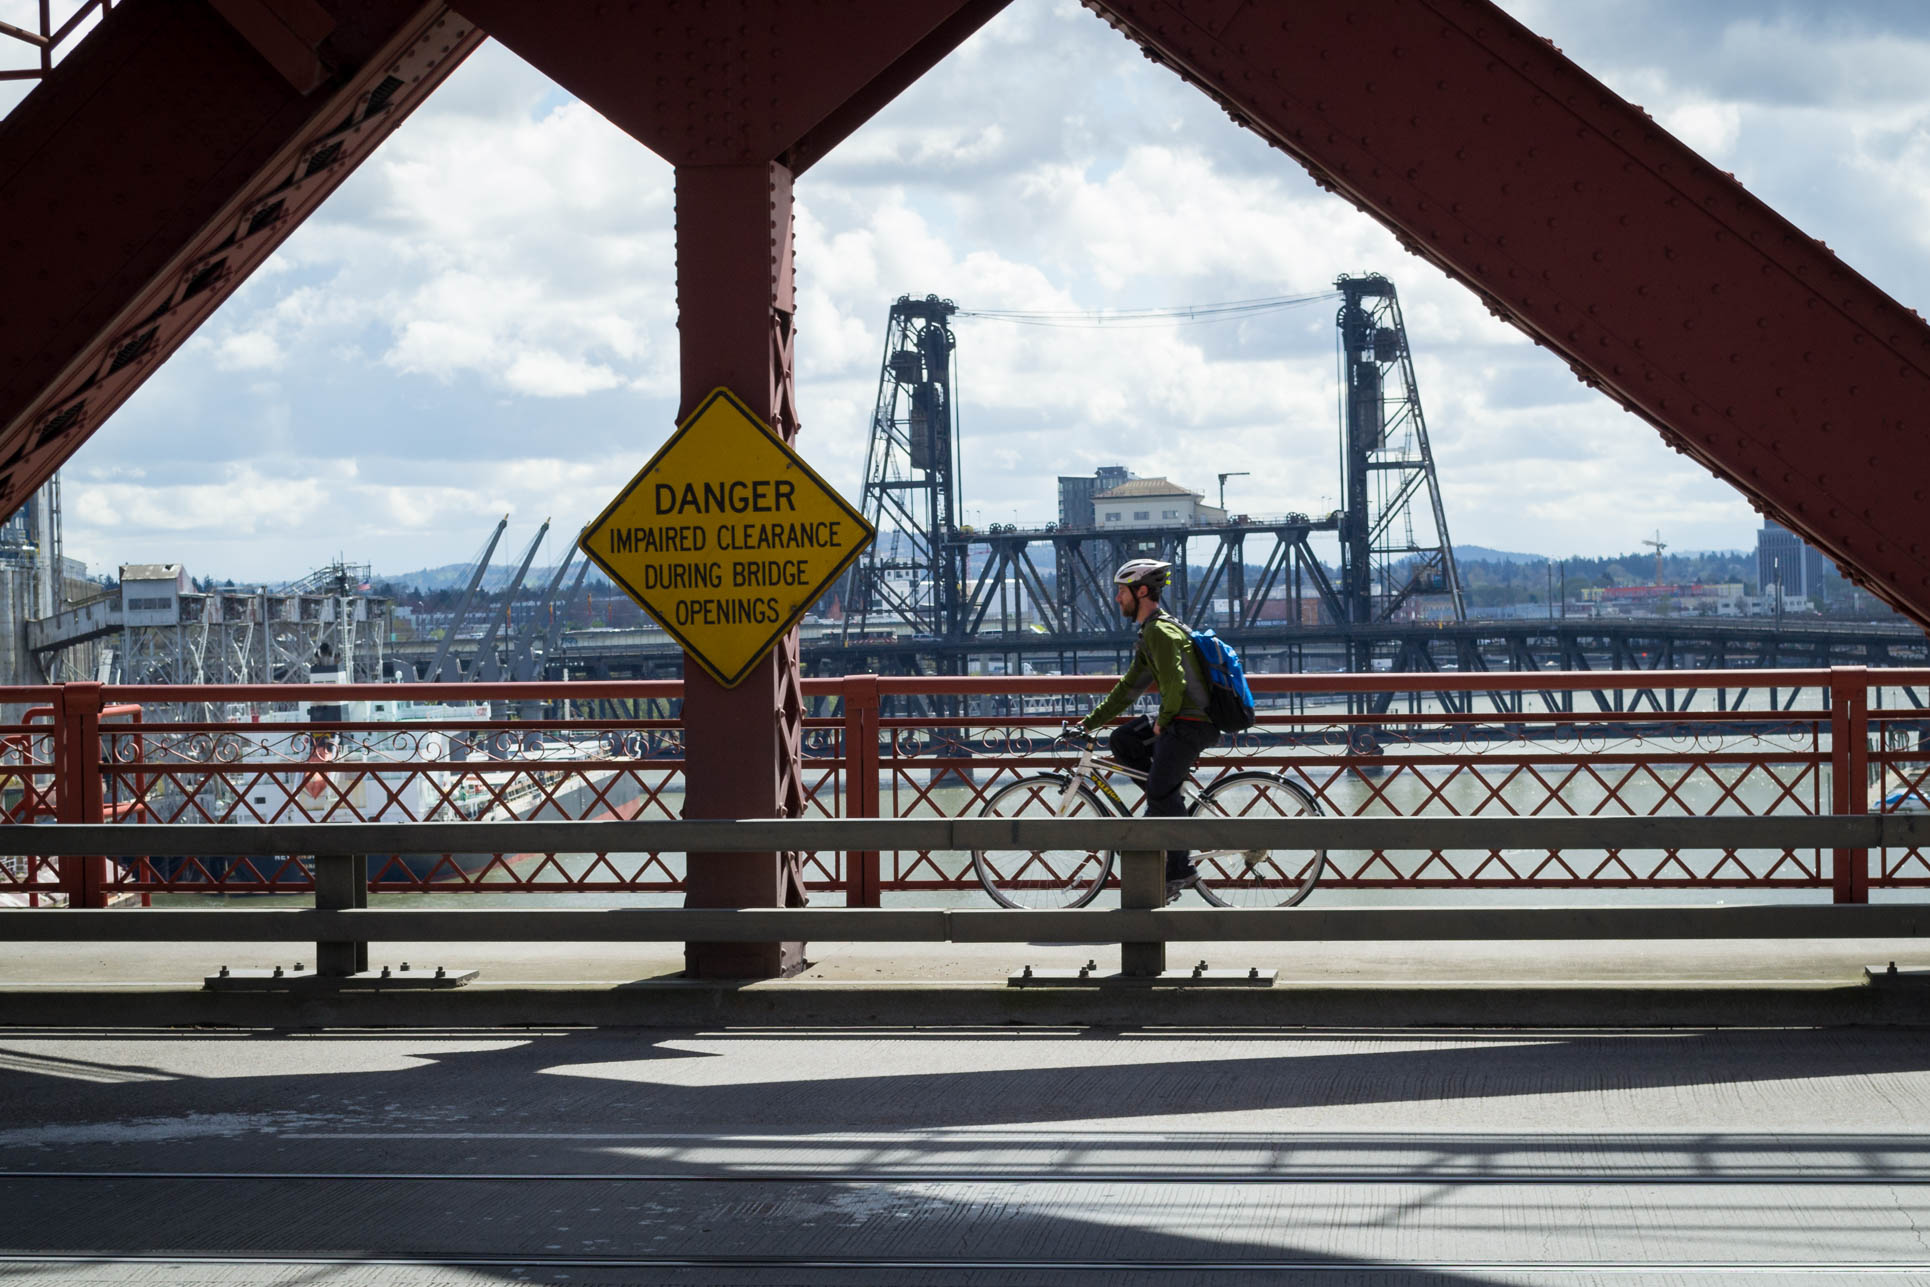 Un des nombreux cyclistes sur un des nombreux ponts de la ville